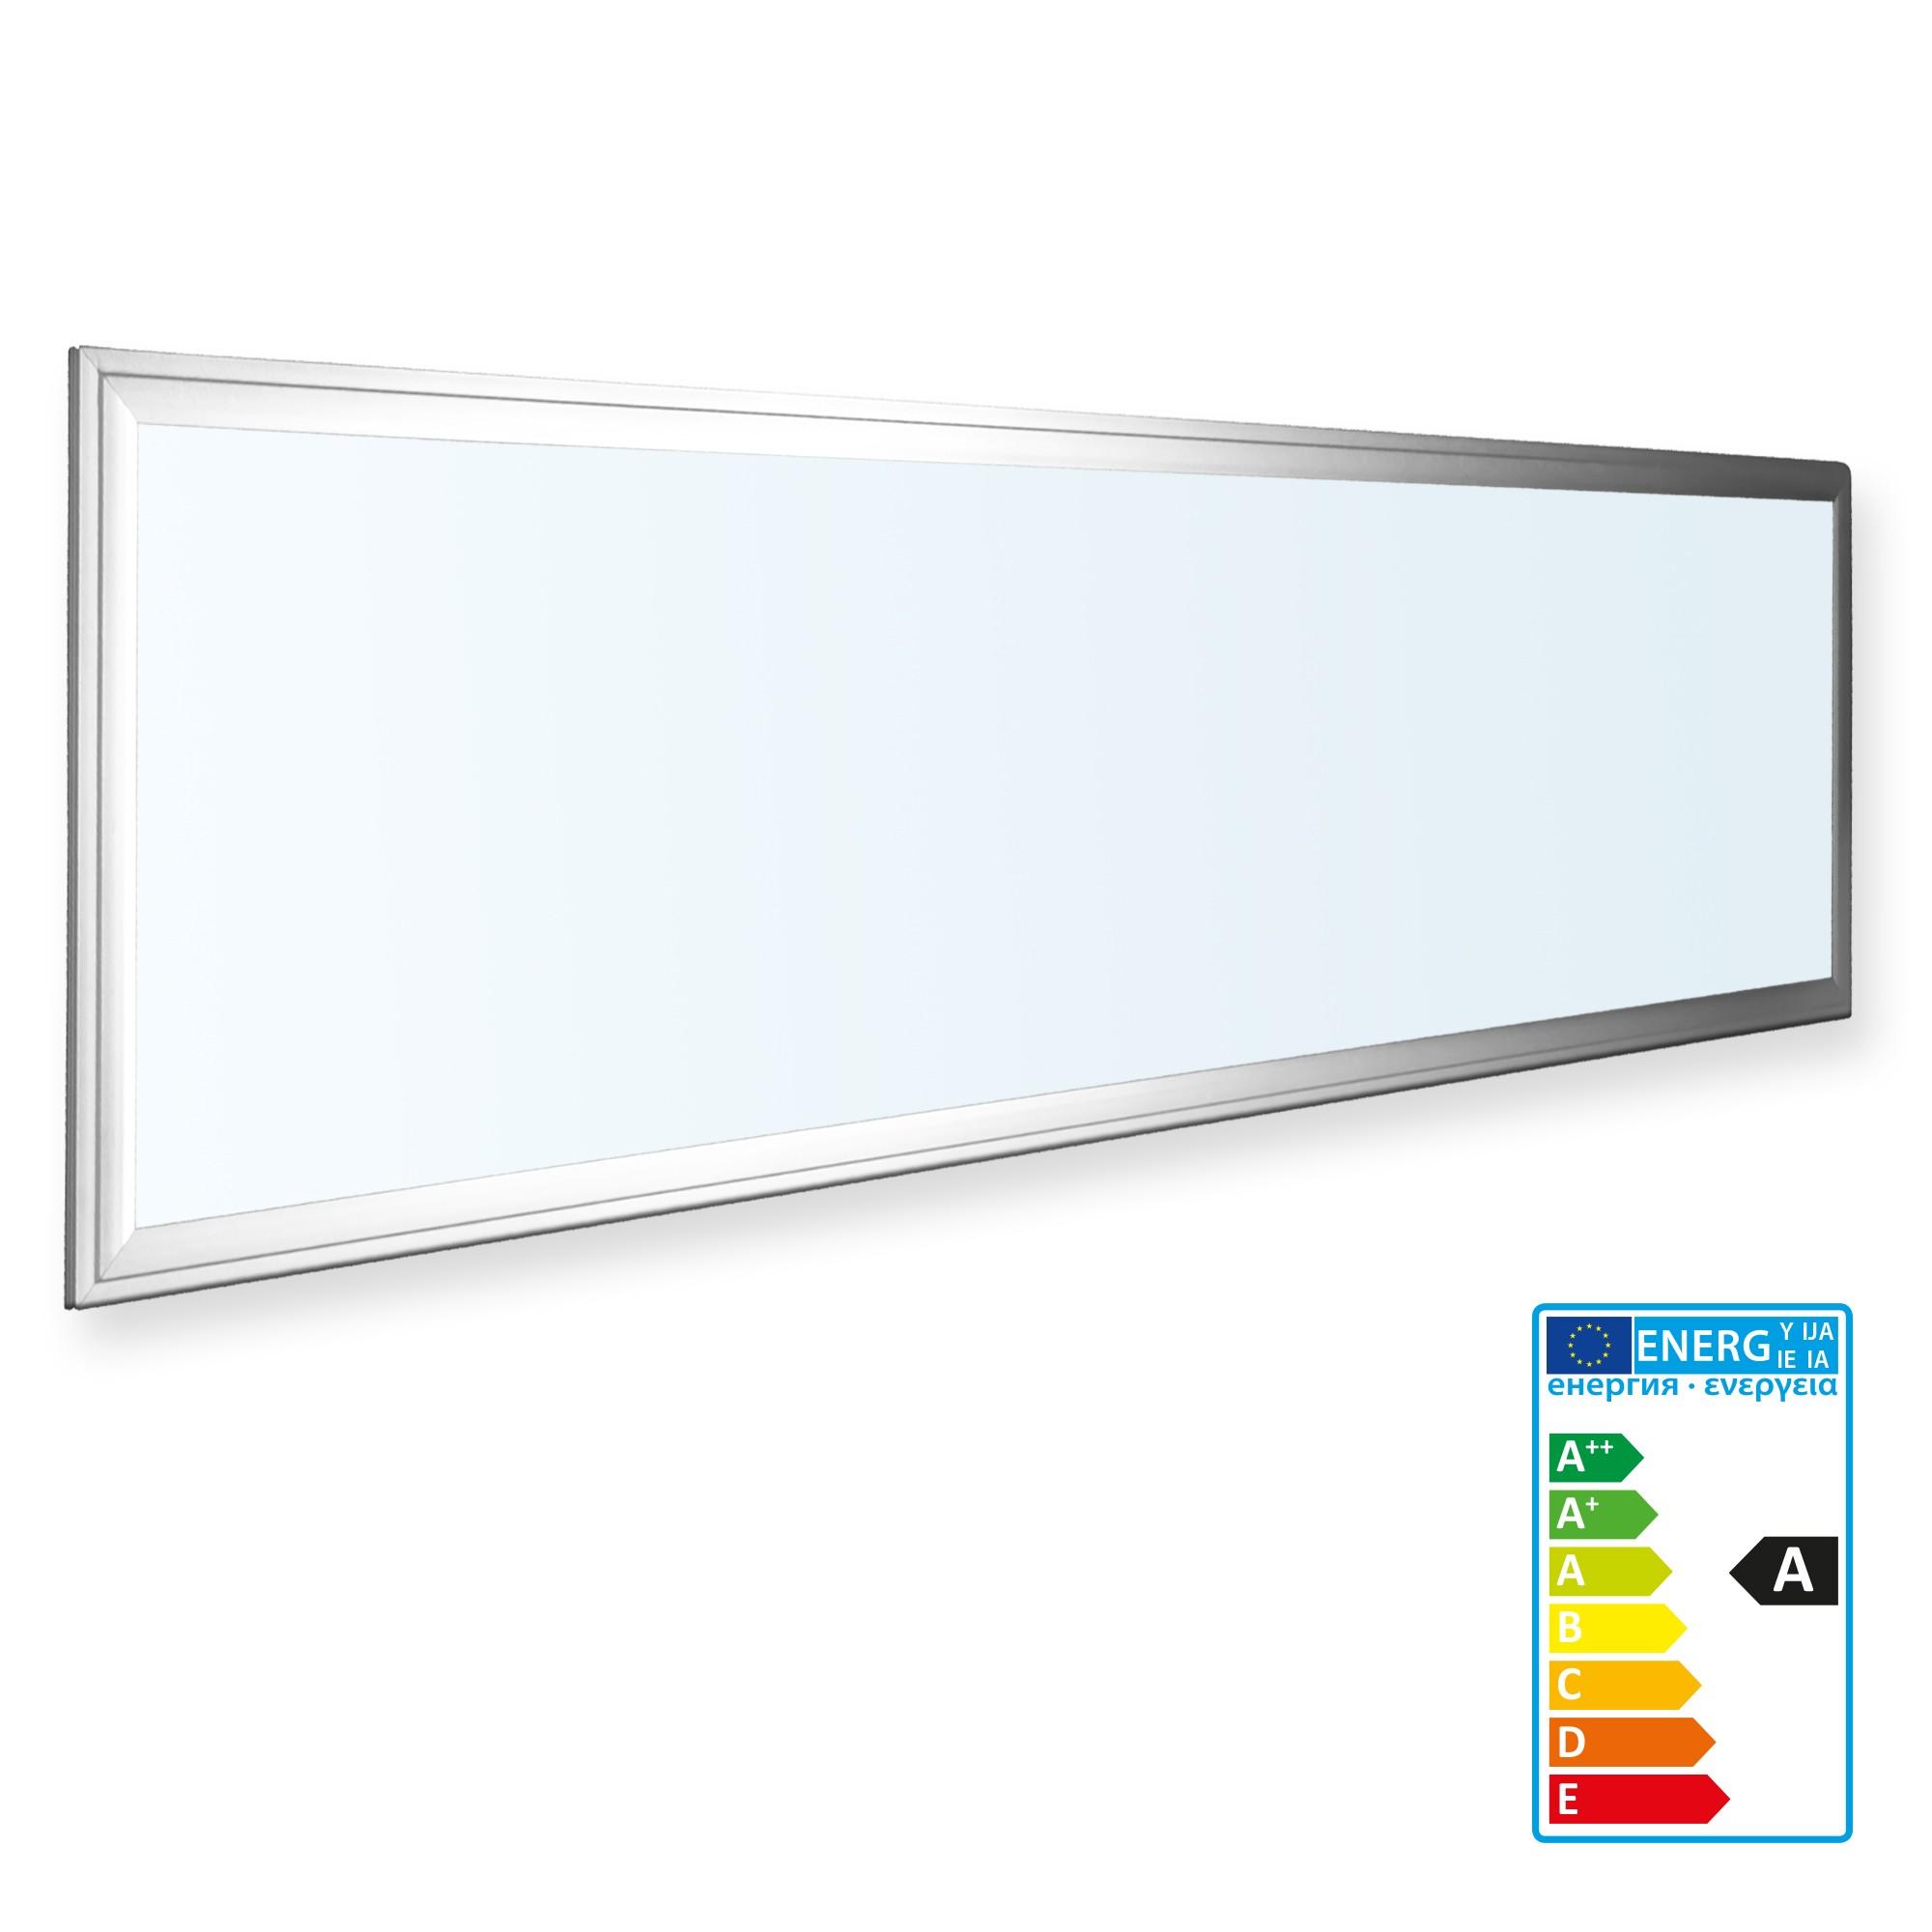 1x LEDVero 120x30 ENEC High Lumen 45W Ultraslim LED Panel 3500lm Deckenleuchte mit Befestigungsclips und EMV Trafo - Kaltweiß - Energieklasse A